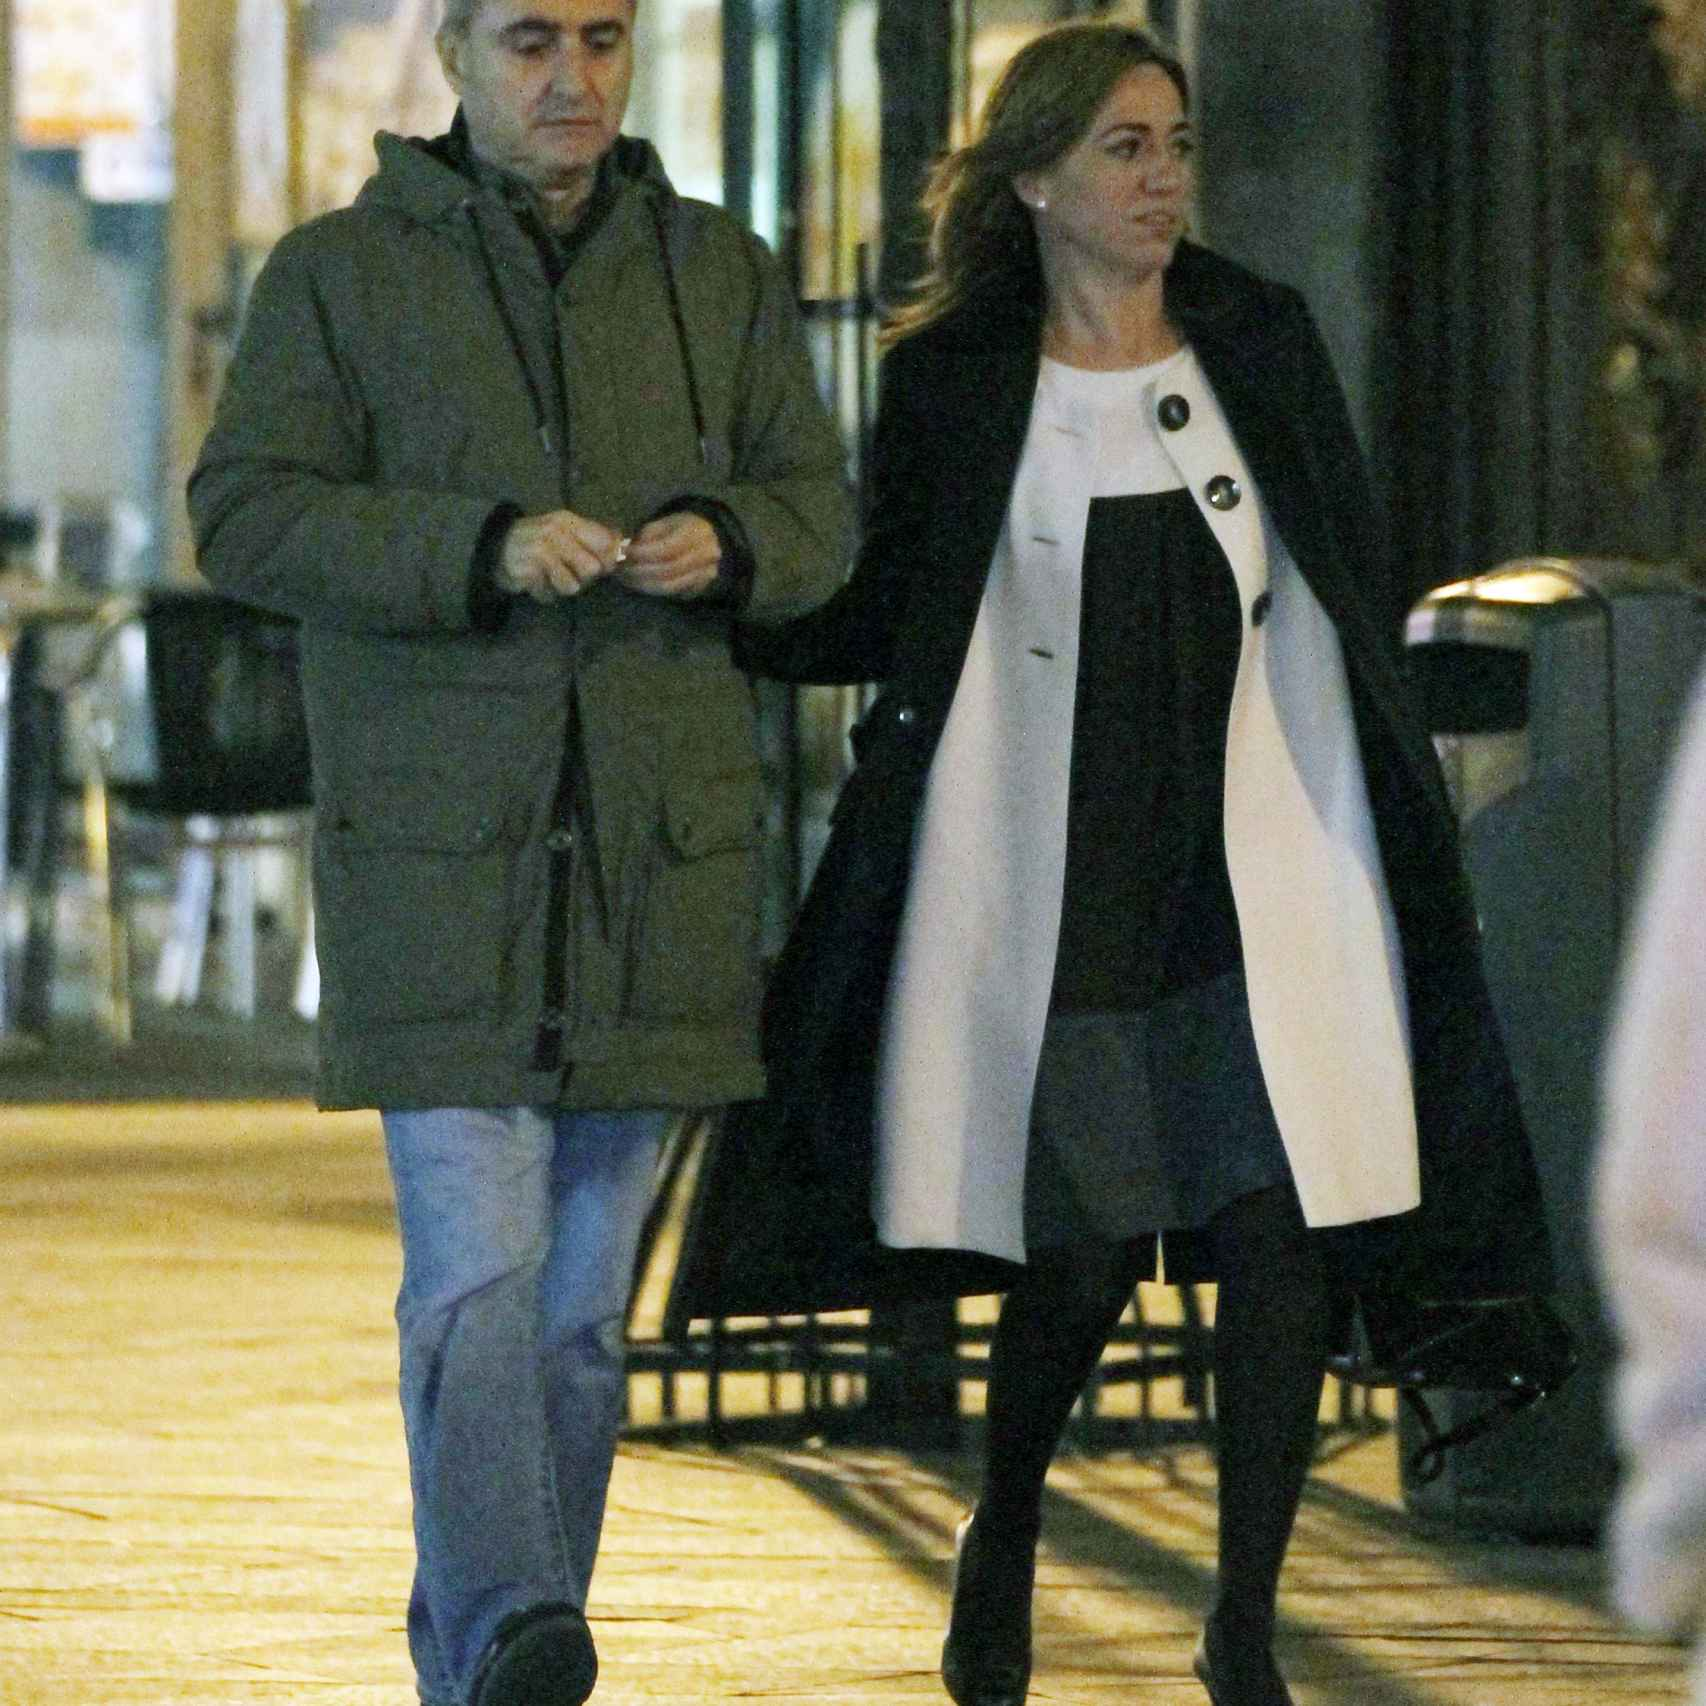 La ex pareja dando un paseo nocturno por las calles de Madrid